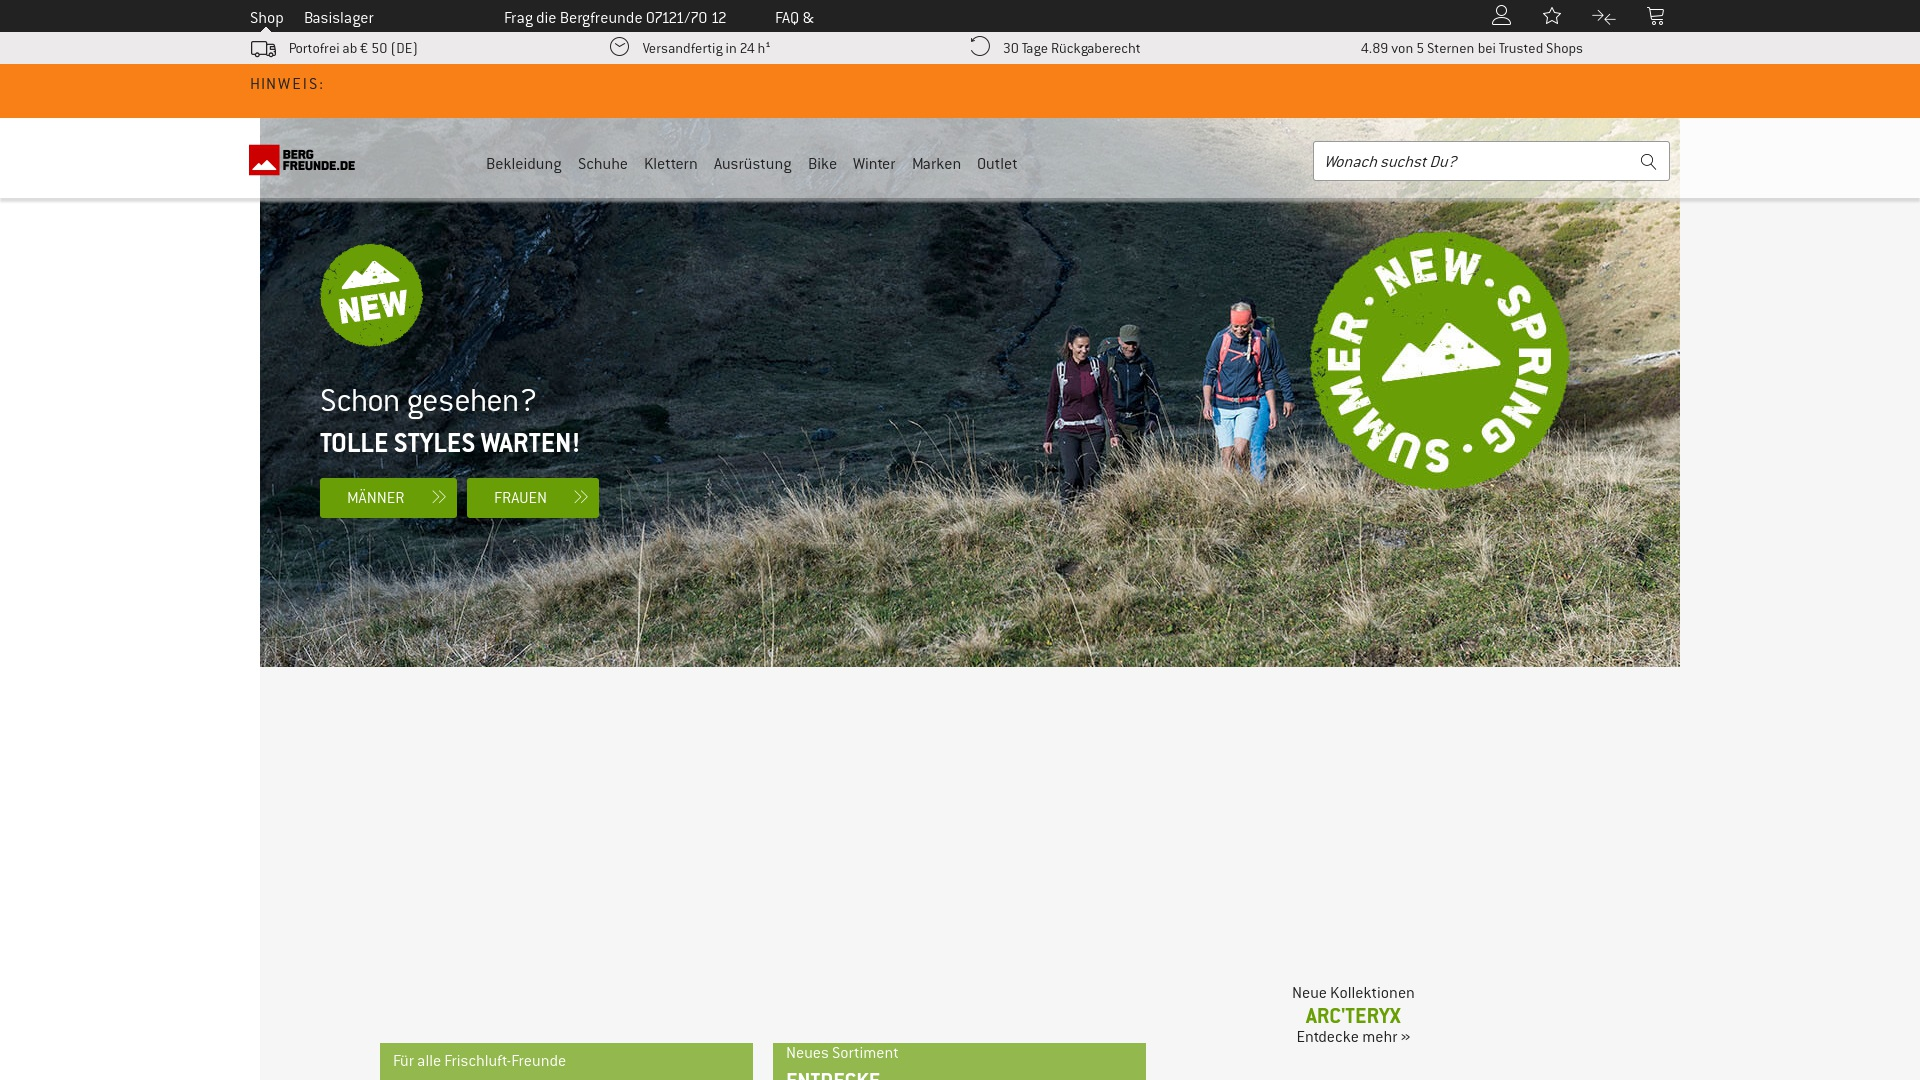 Gutschein für Bergfreunde: Rabatte für  Bergfreunde sichern